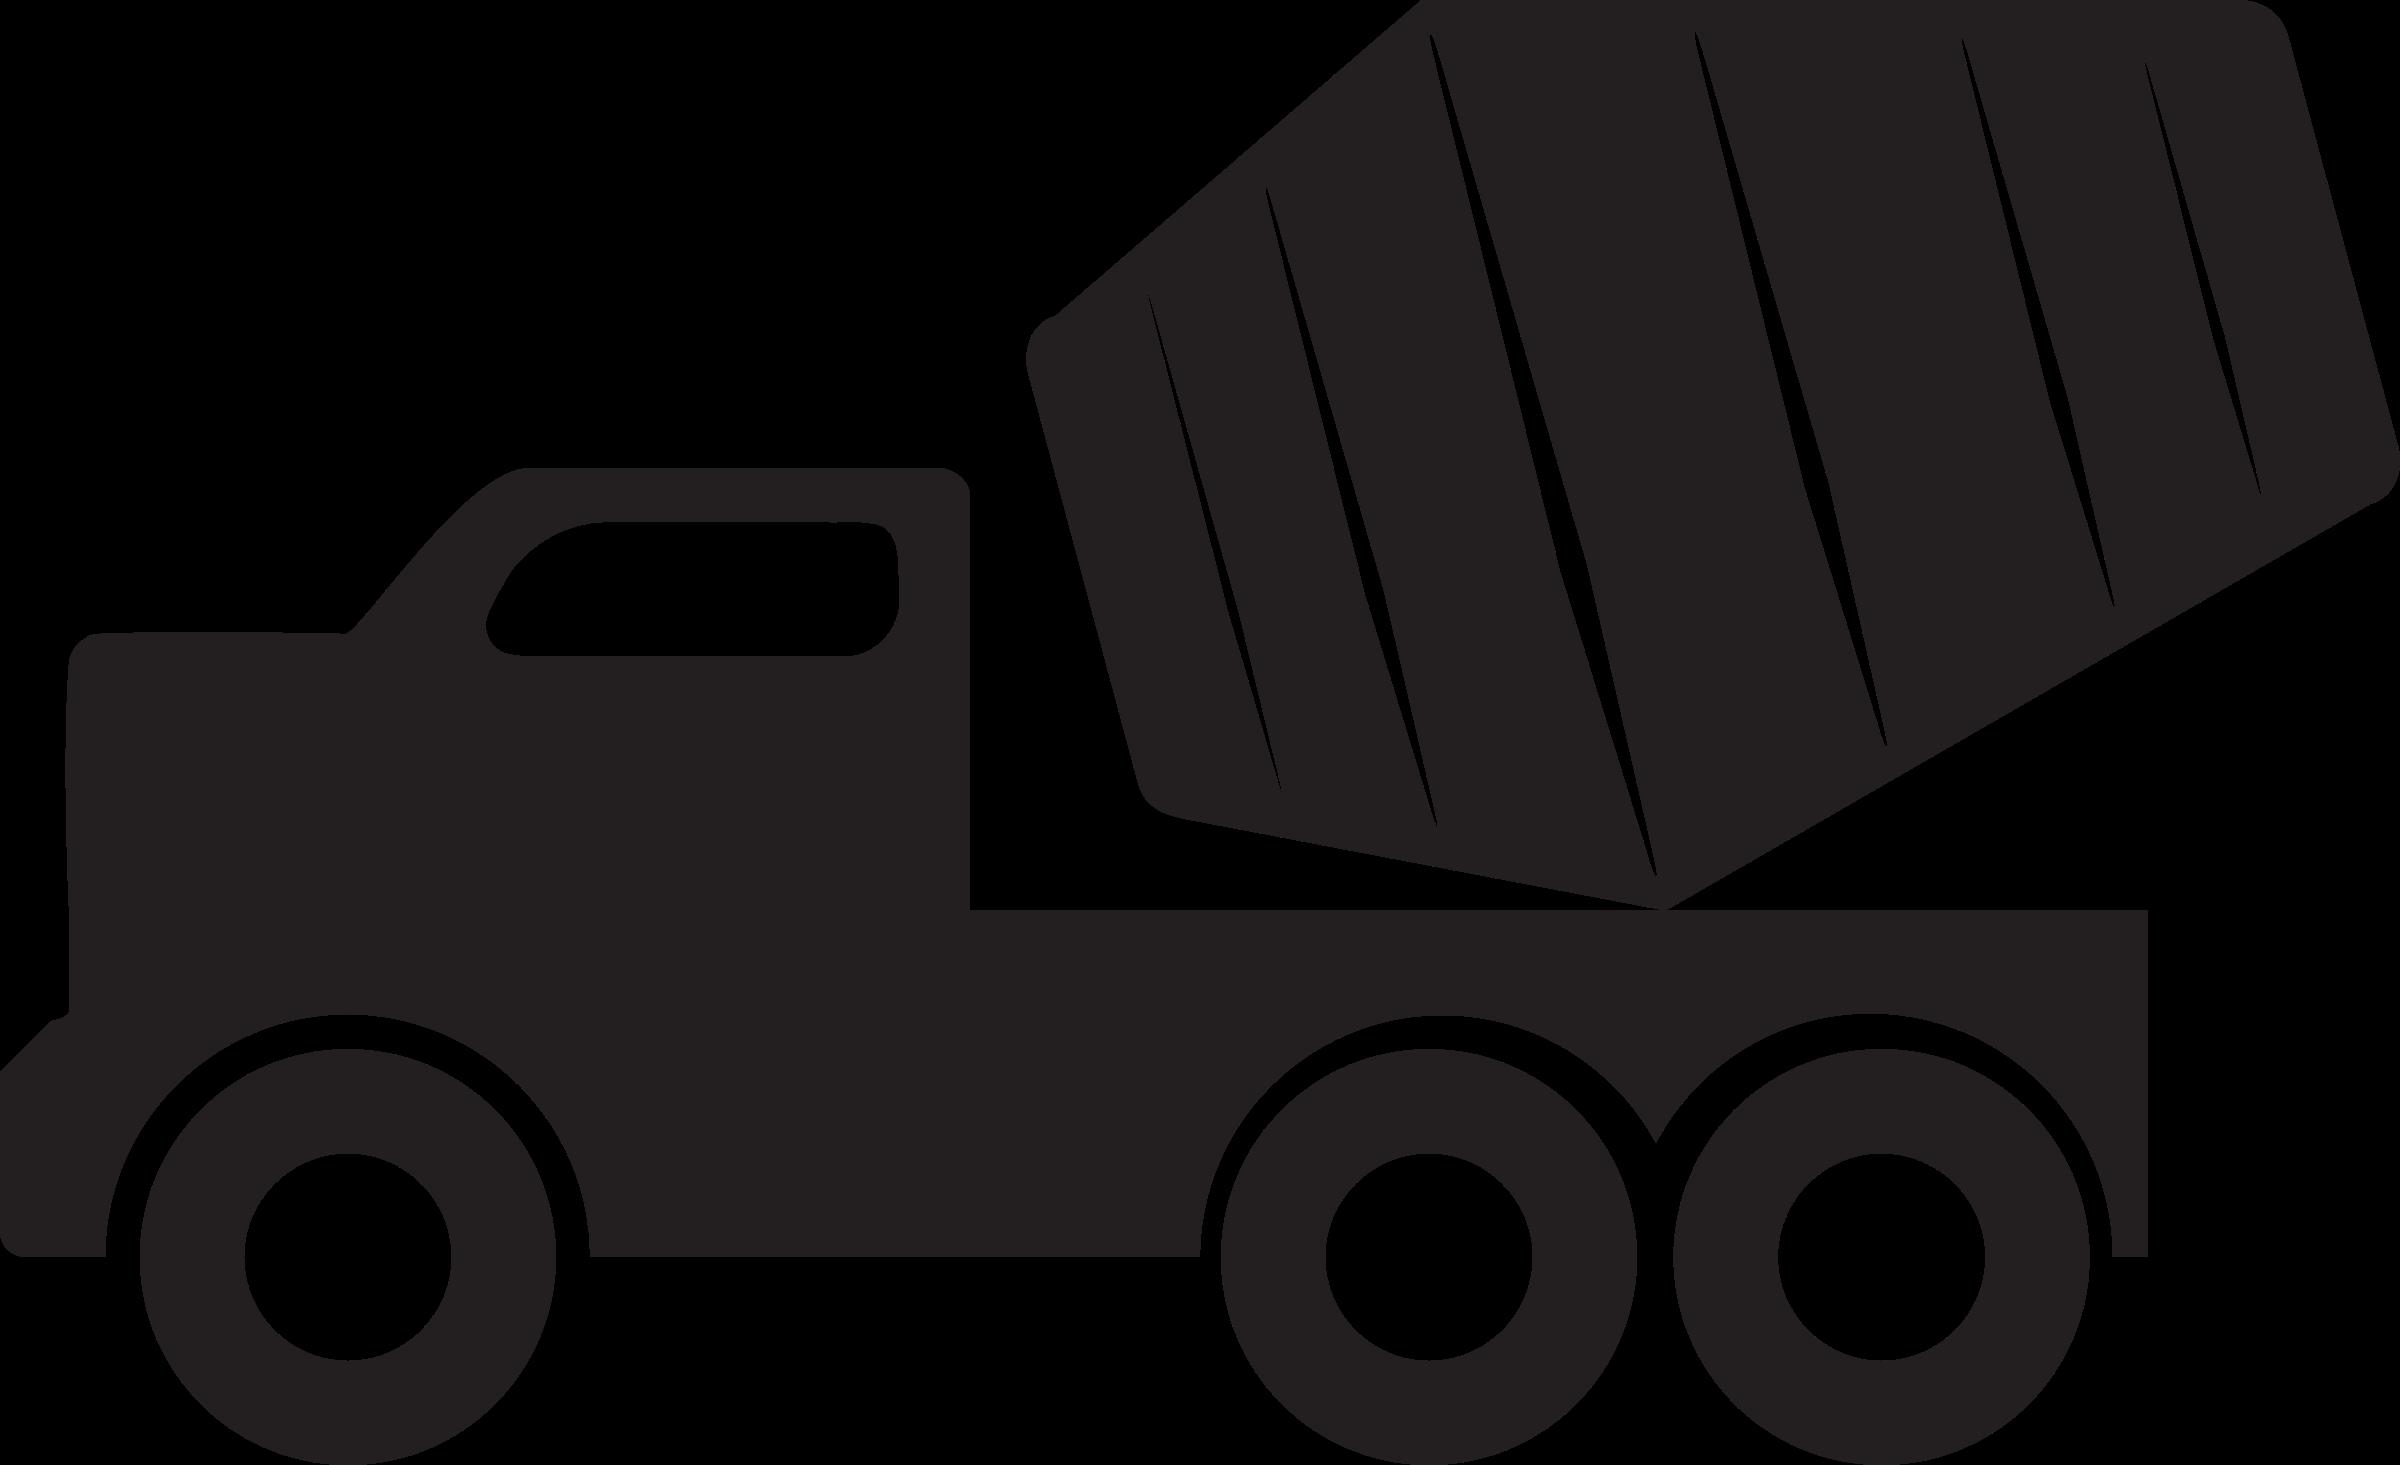 Concrete Clip Art : Cement truck clipart suggest